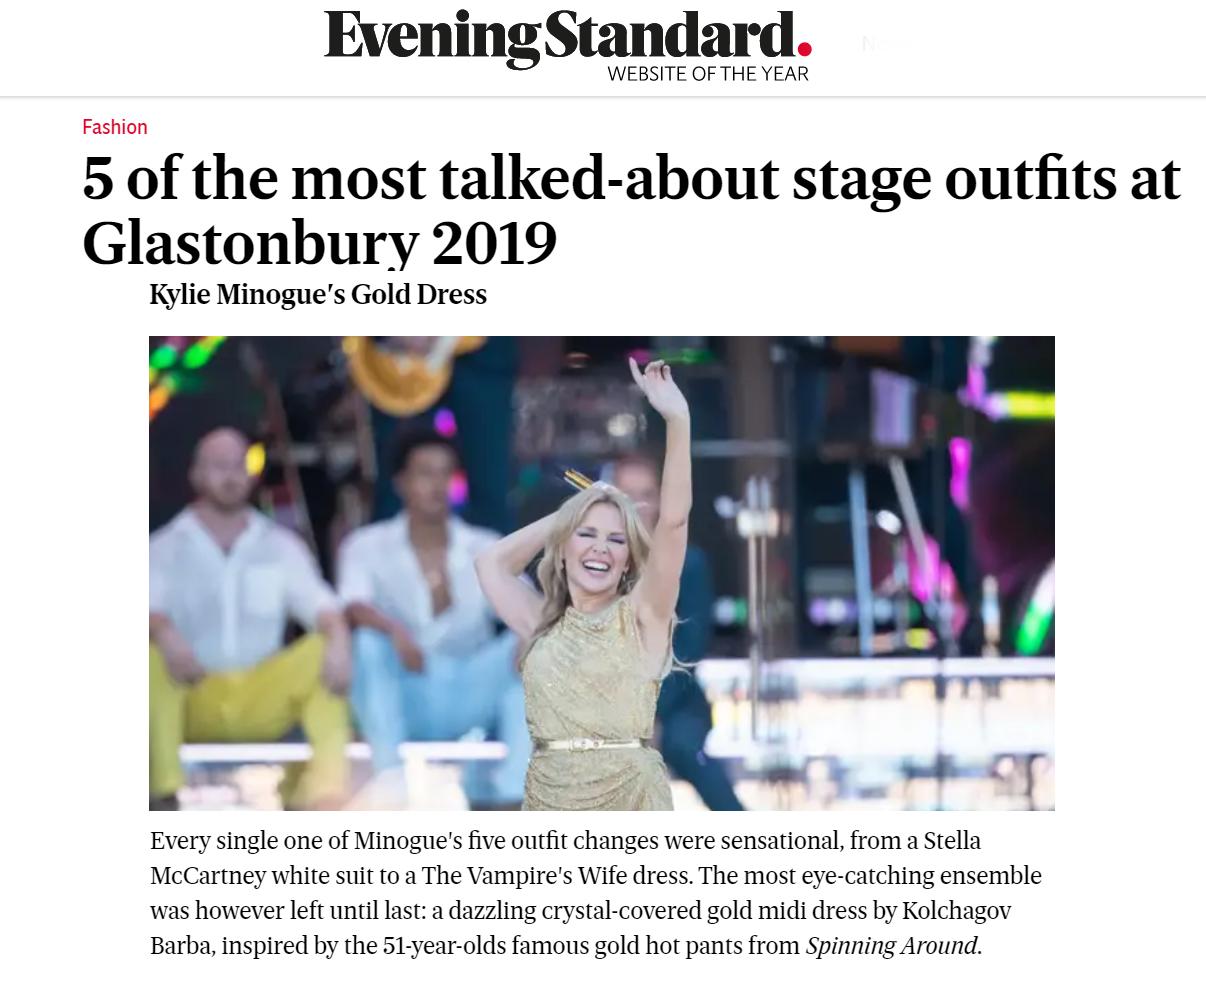 Kylie Glastonbury 2019 in Kolchagov Barba